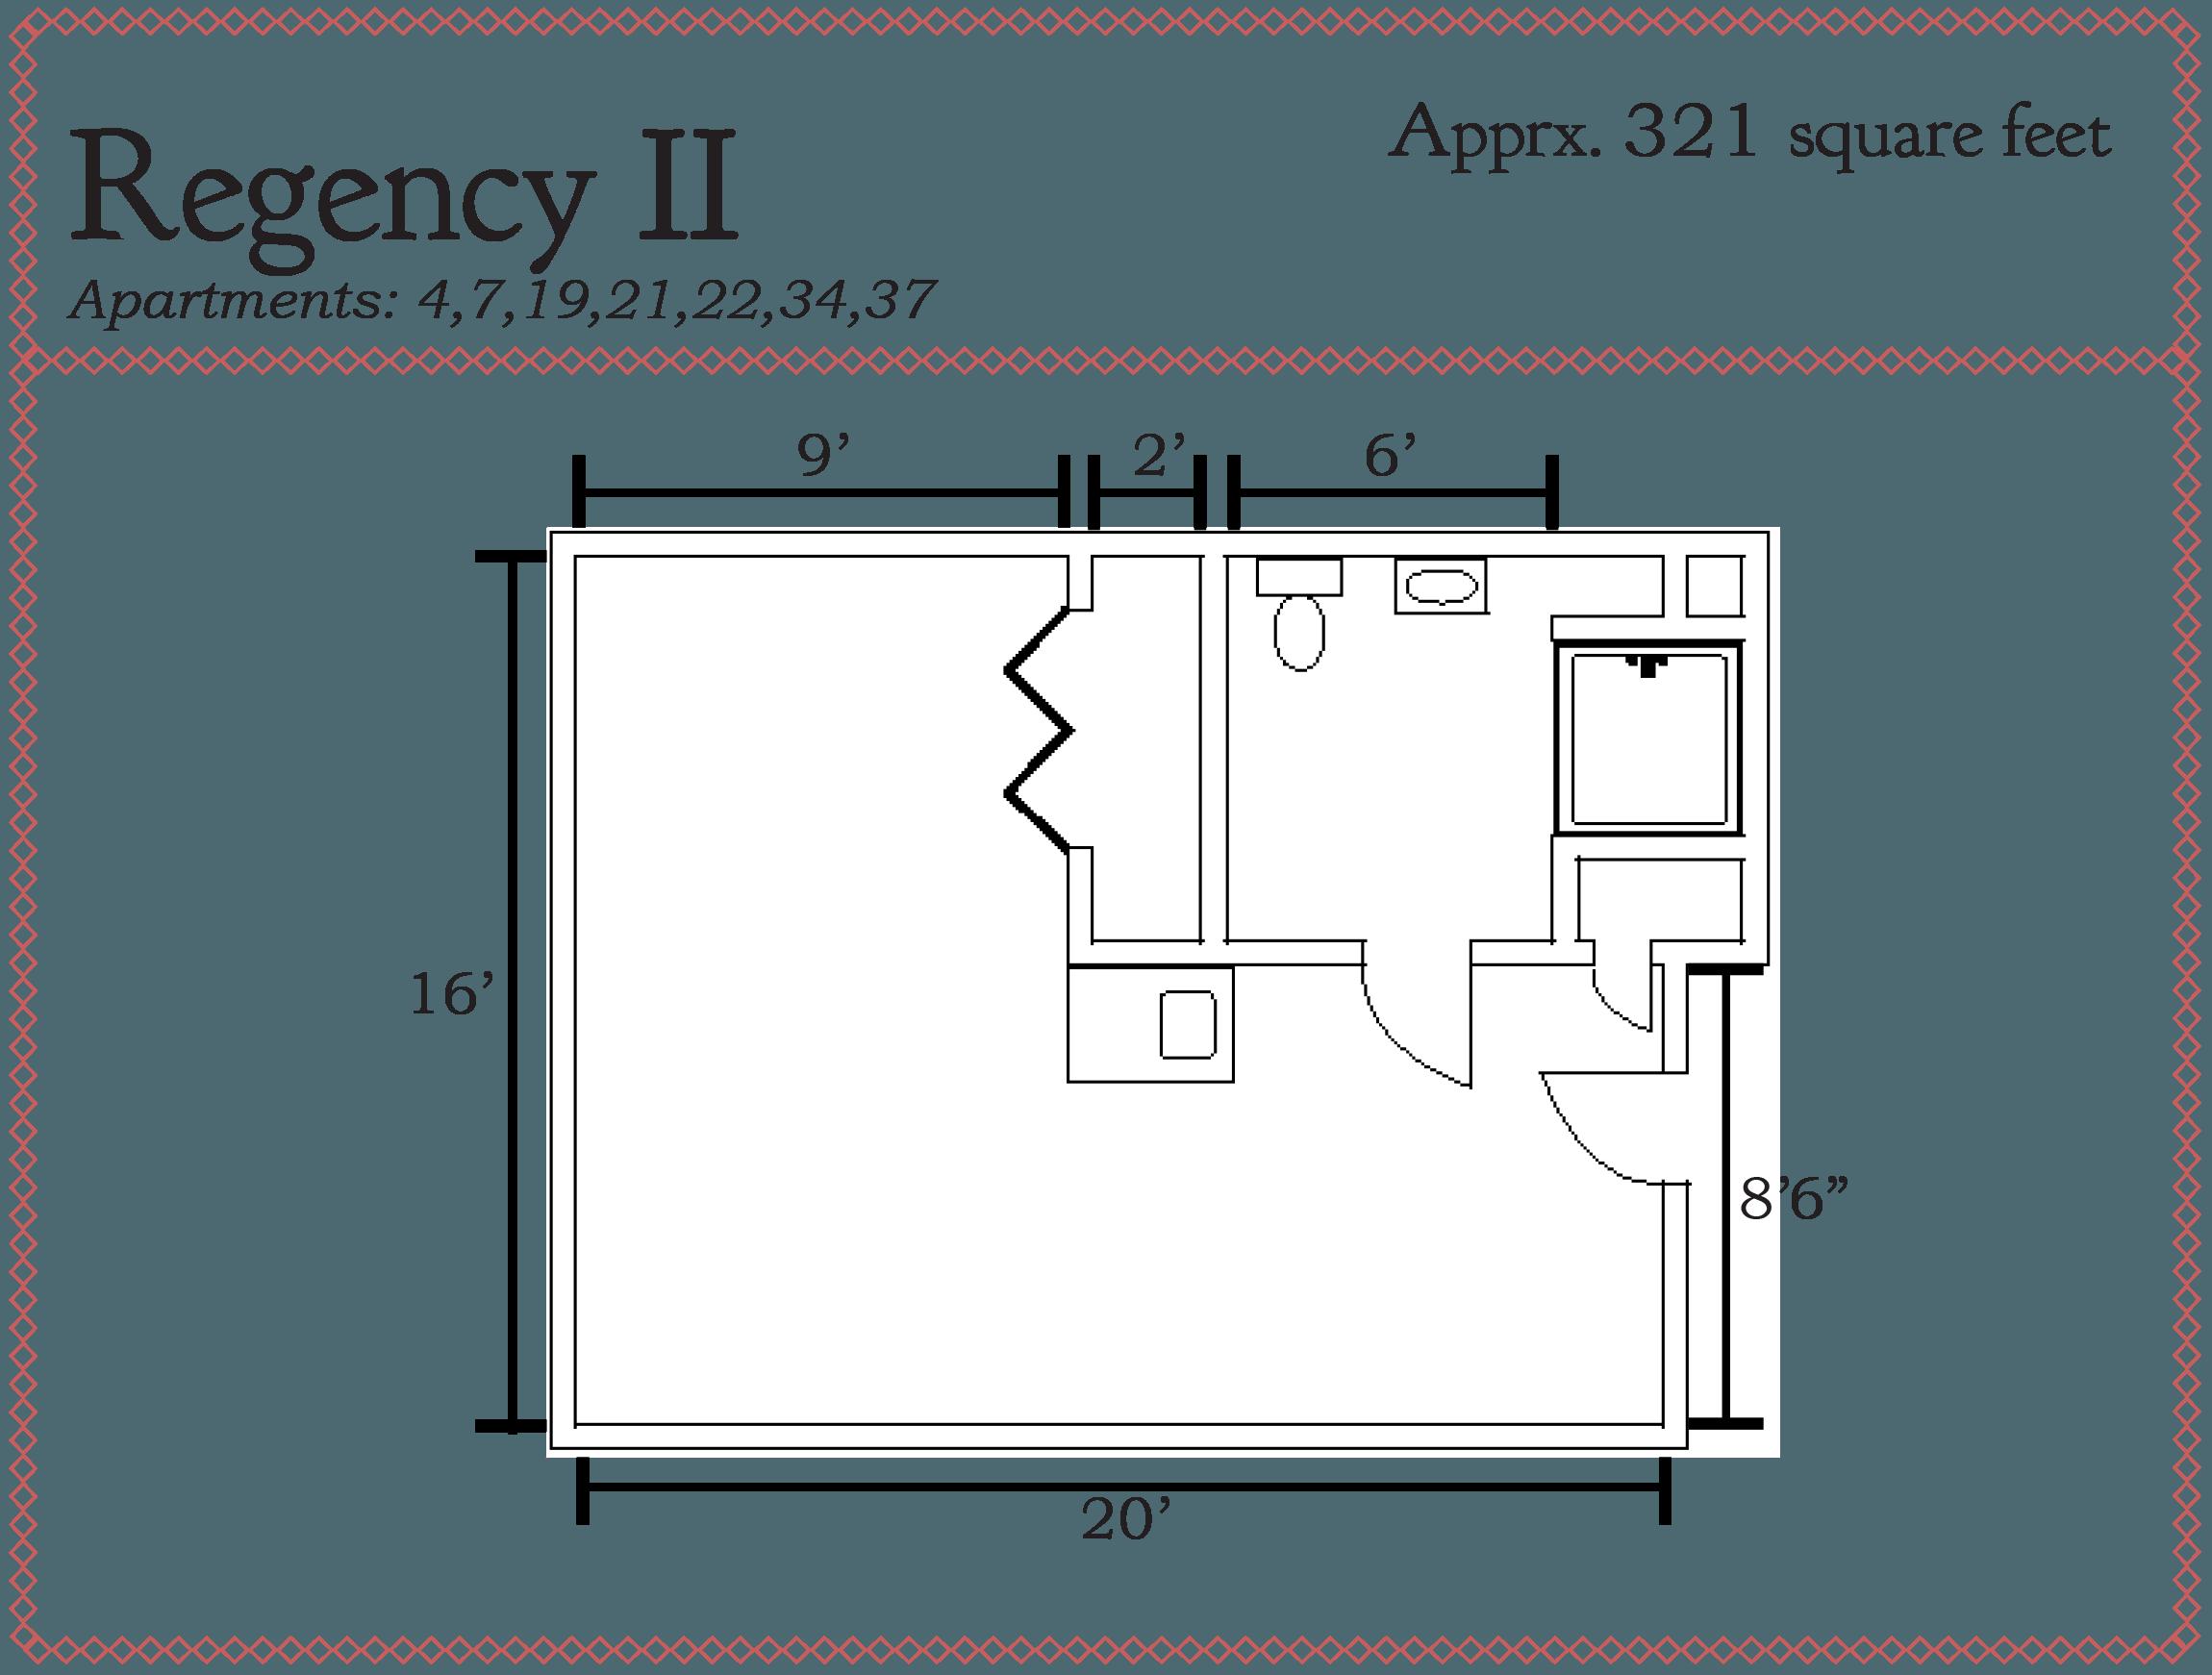 Regency II